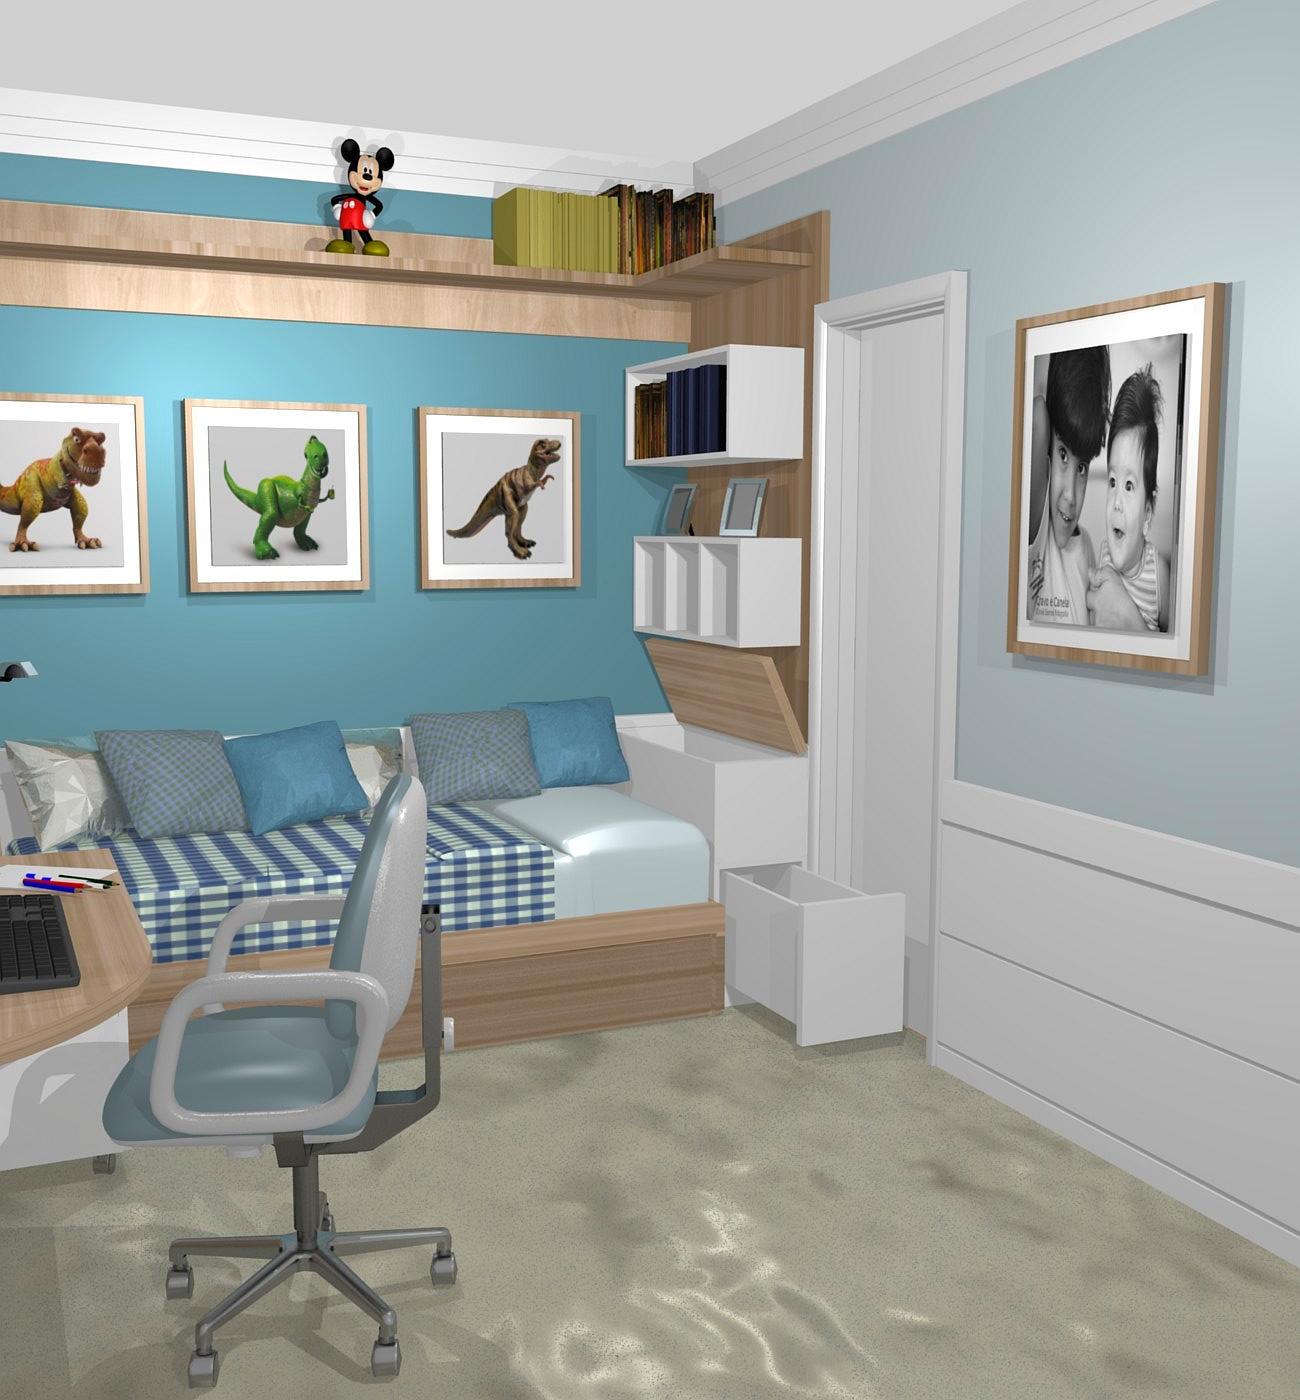 decoracao de interiores moveis planejados:por MÓVEIS PLANEJADOS CASACOR ARMÁRIOS NOIVA 3D MARCENARIA PORTAS DE